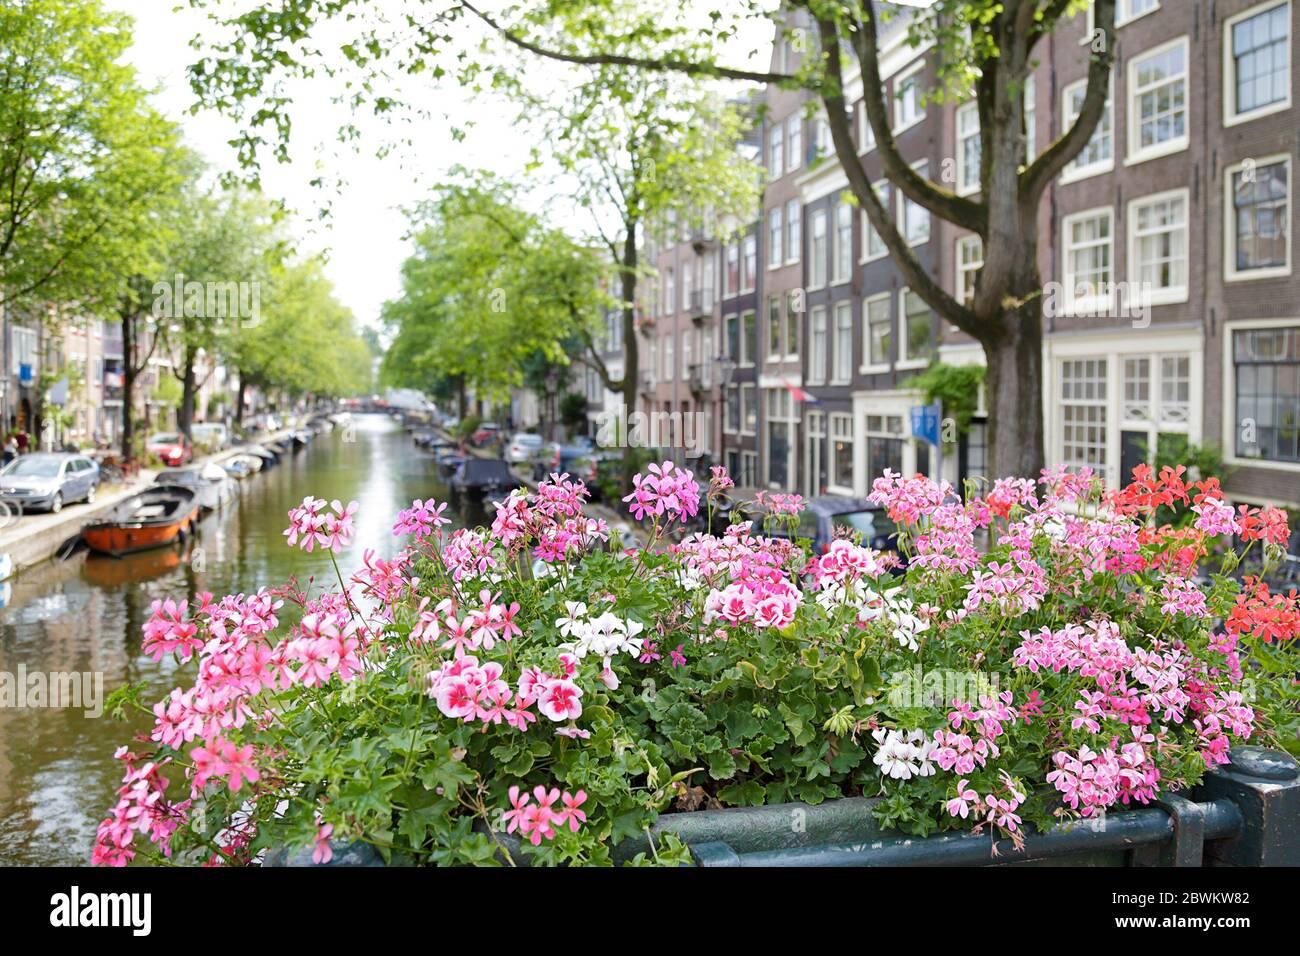 Vista de los edificios hermosos y el canal desde un puente con flores, Amsterdam, los países Bajos Foto de stock